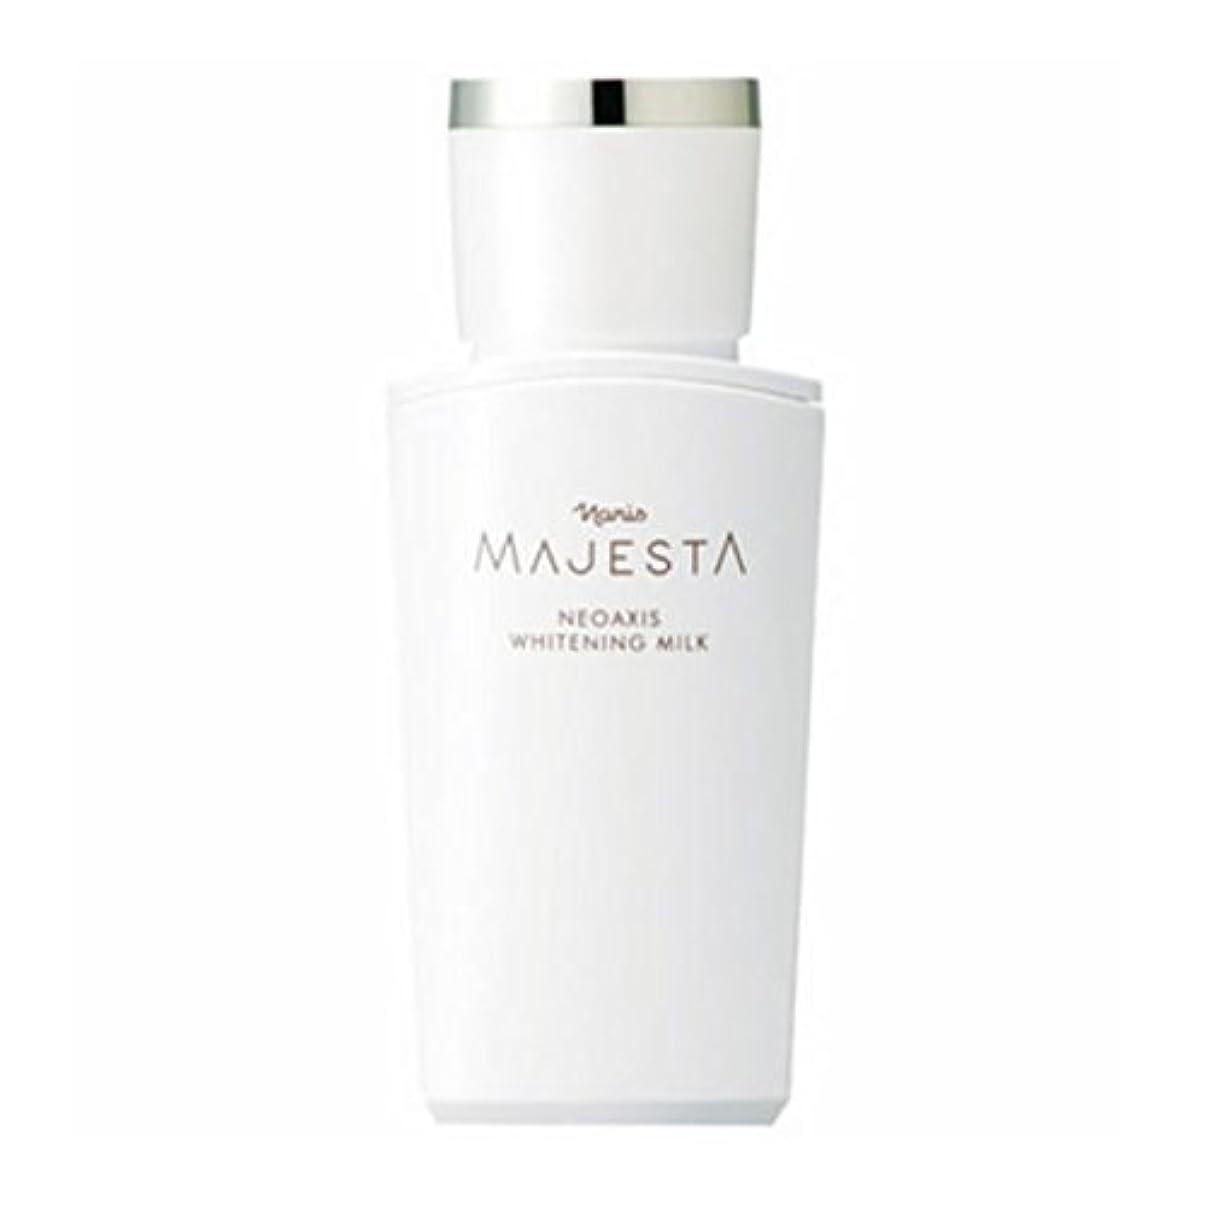 免疫独裁側ナリス化粧品 マジェスタ ネオアクシス ホワイトニング ミルク (薬用 美白乳液) 80ml